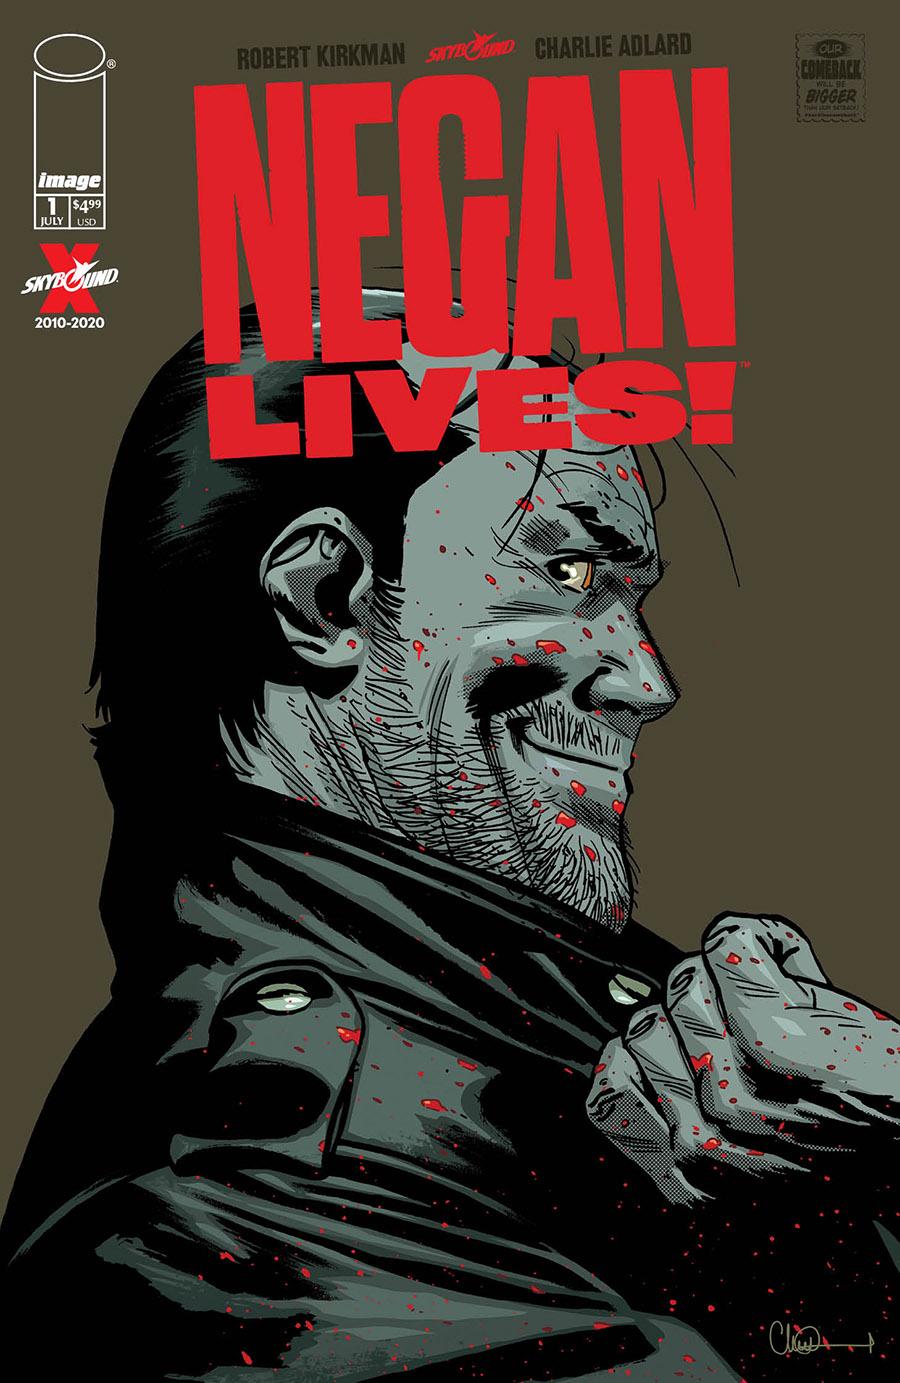 Negan na capa da nova HQ especial de The Walking Dead